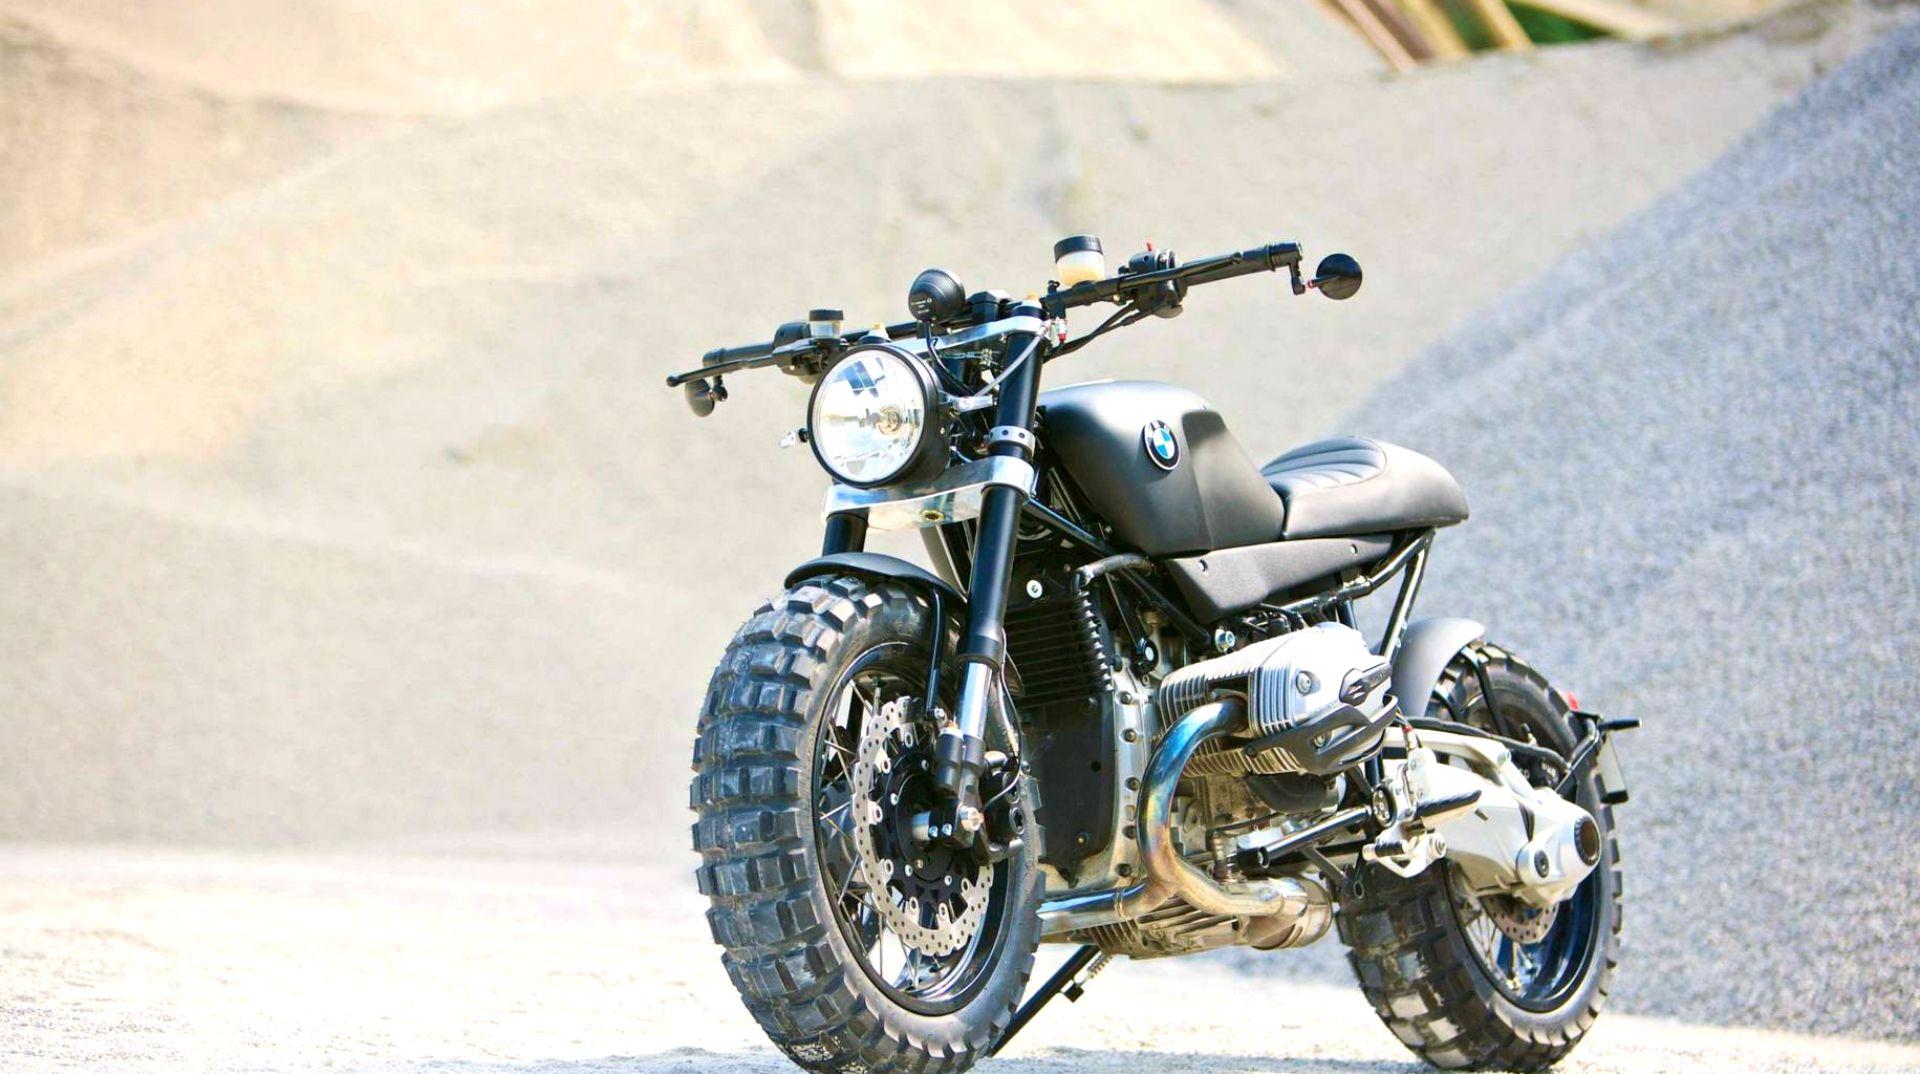 Bike Wallpaper 24 Motorcycle Wallpaper Suzuki Bikes Suzuki Gsxr